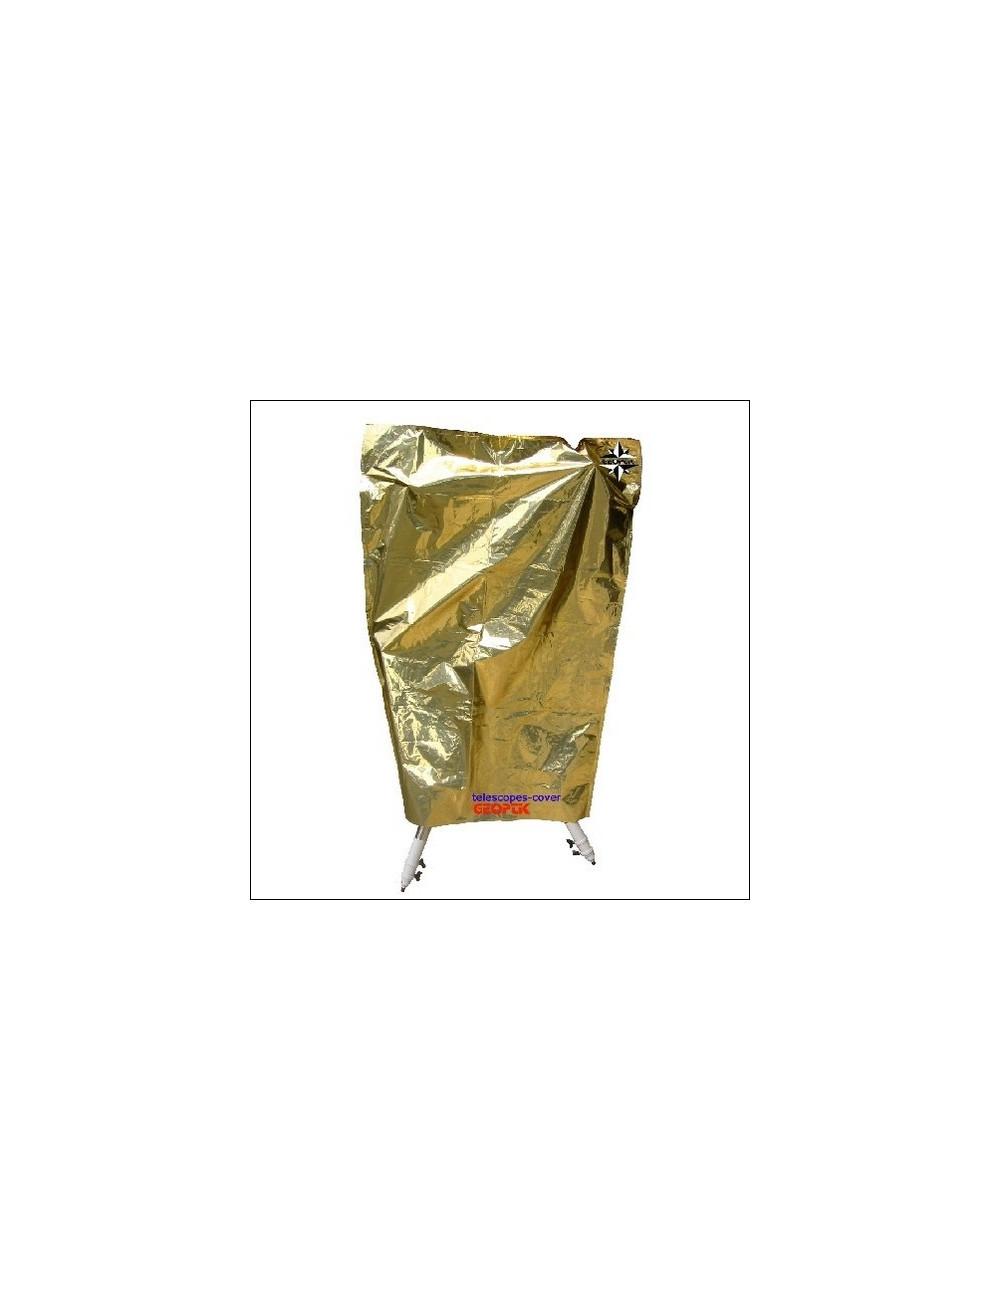 Housse de protection pour instrument 120x160 cm